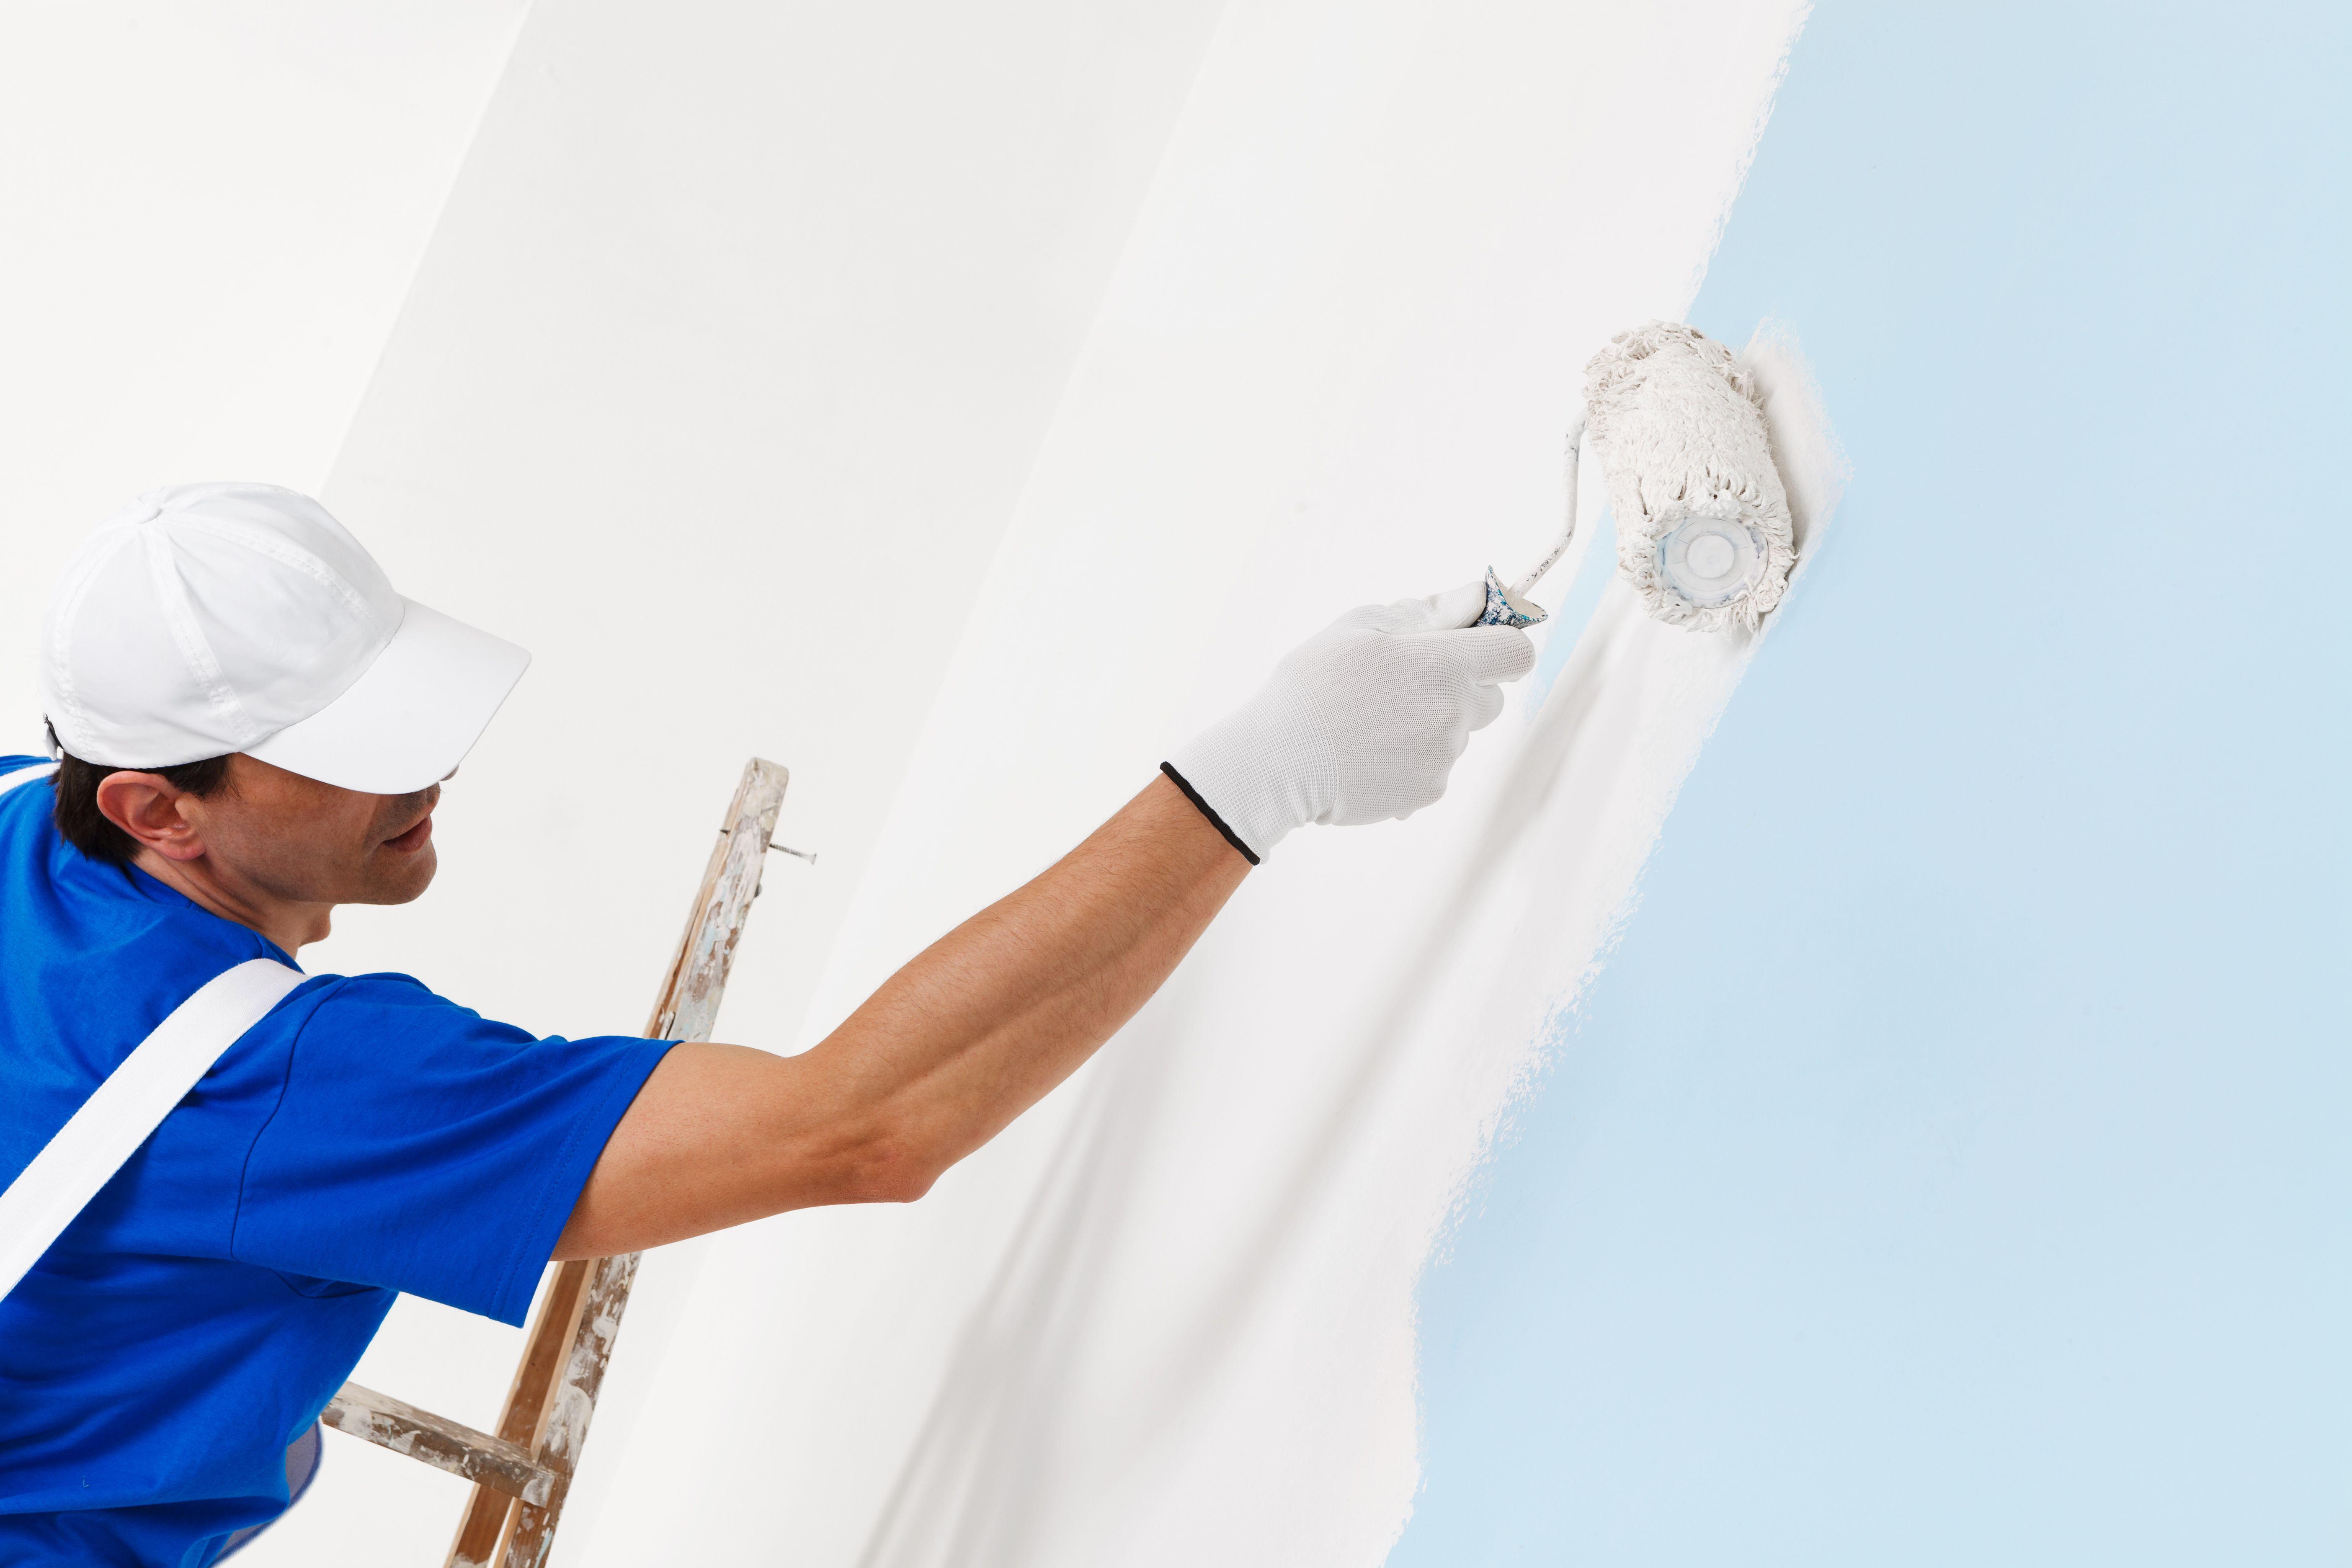 Realizamos trabajos de pintura